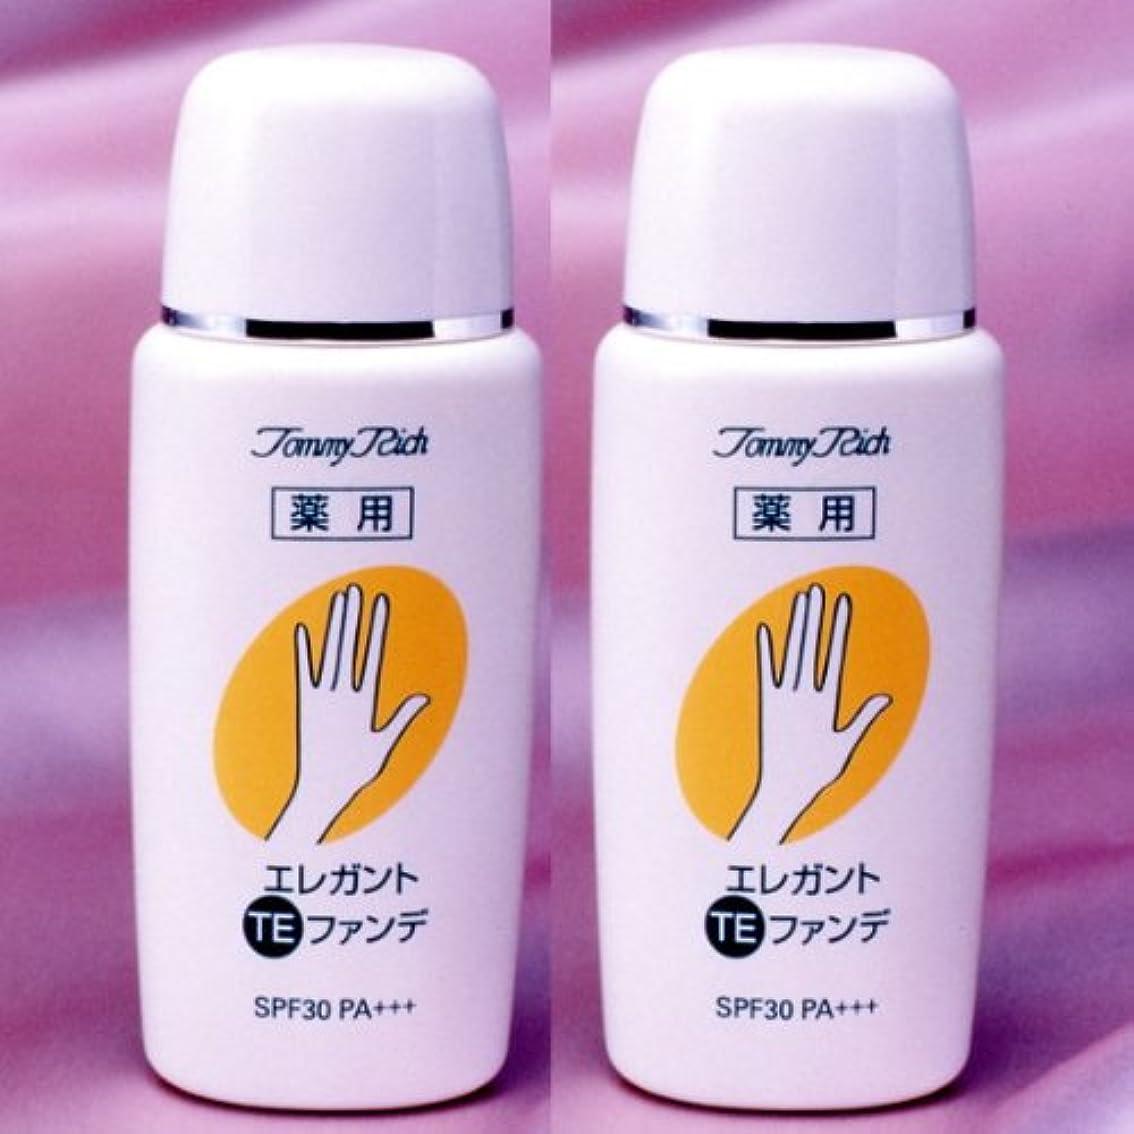 群れゲート支給手や腕のシミや老班をカバーして、白く清潔で美しい手になる!! 「薬用エレガントTEファンデ 2個セット」